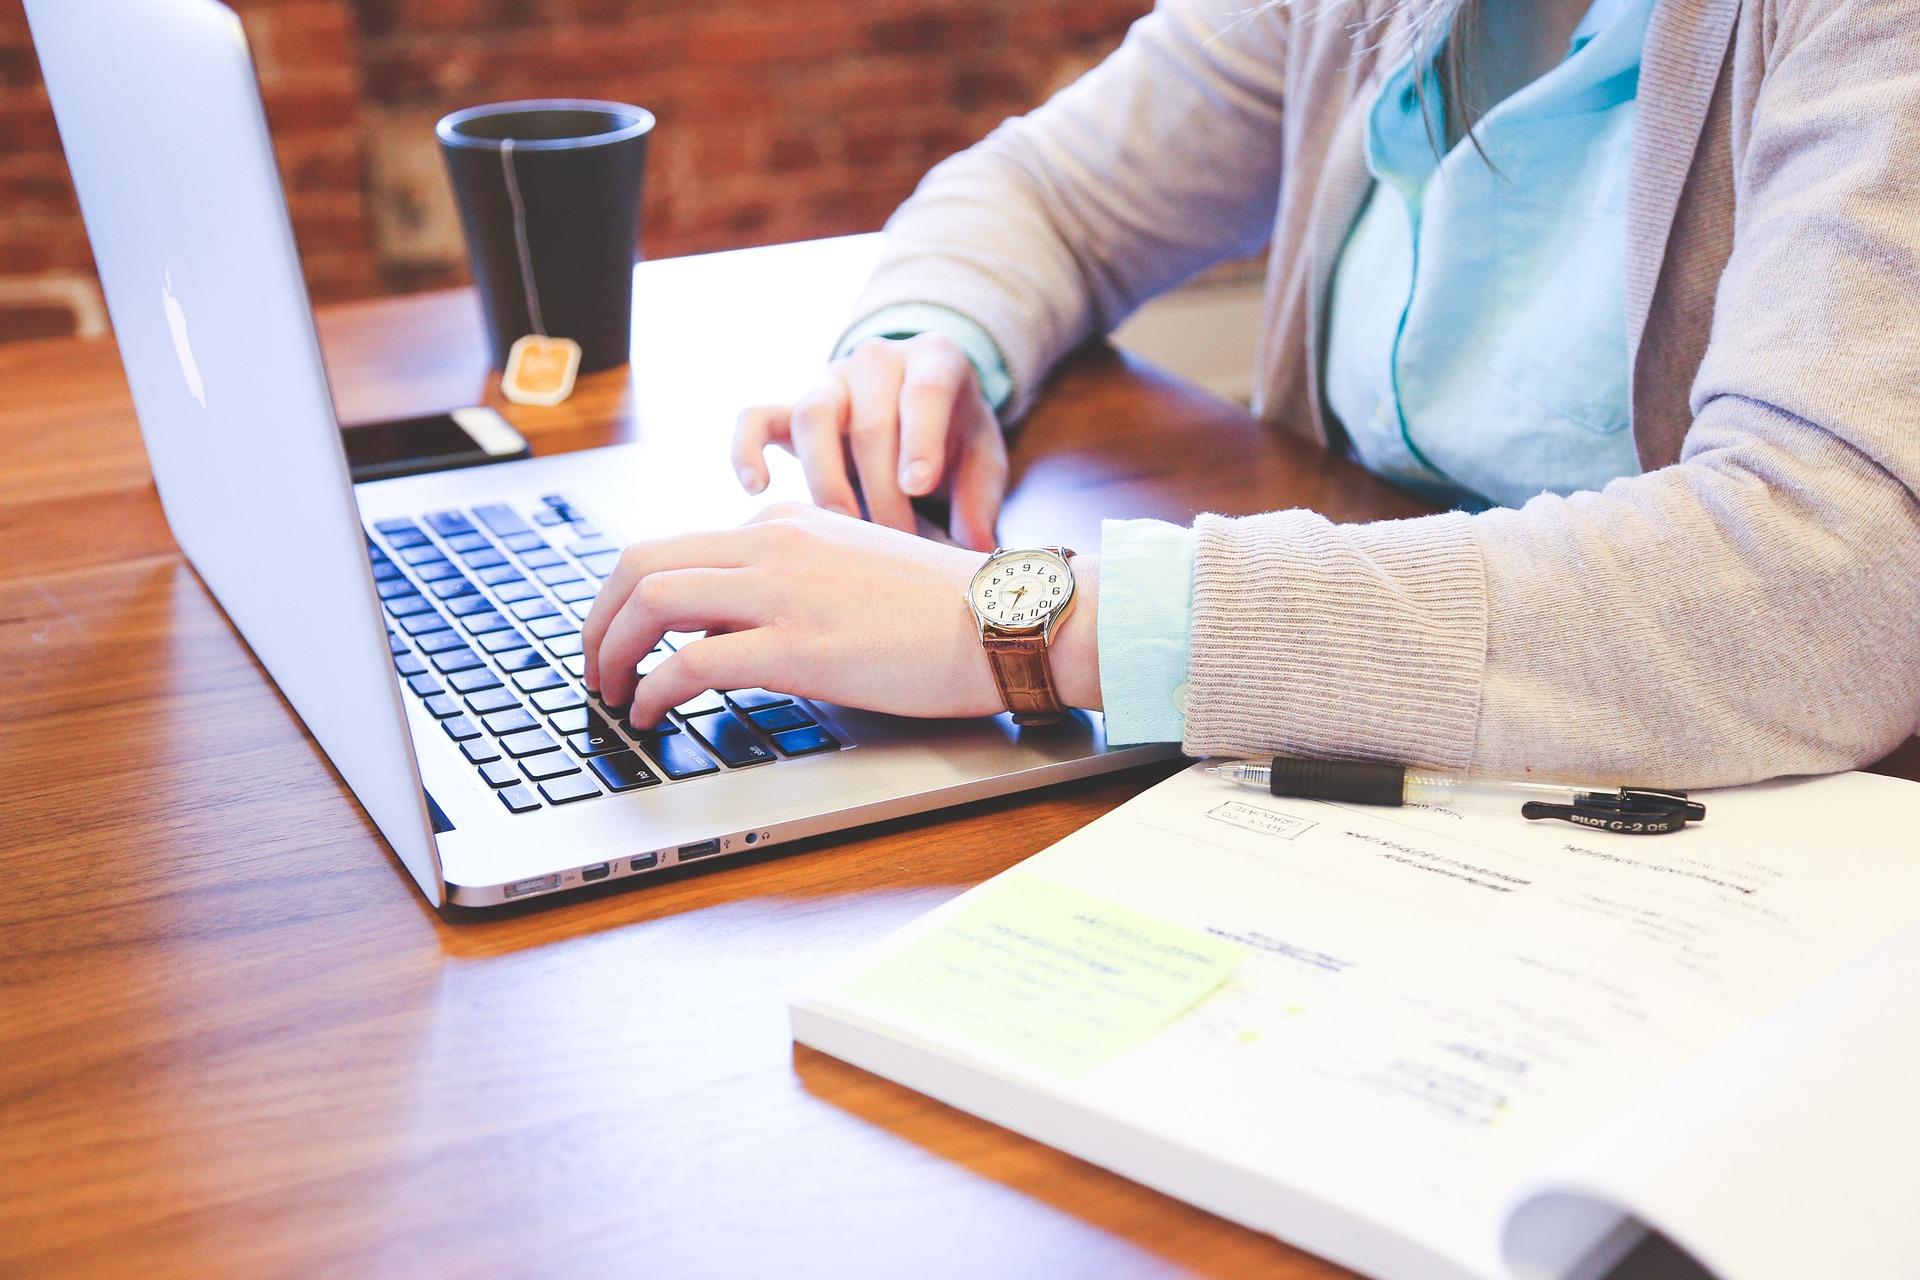 Quelles sont les étapes à franchir pour être plus productif ?